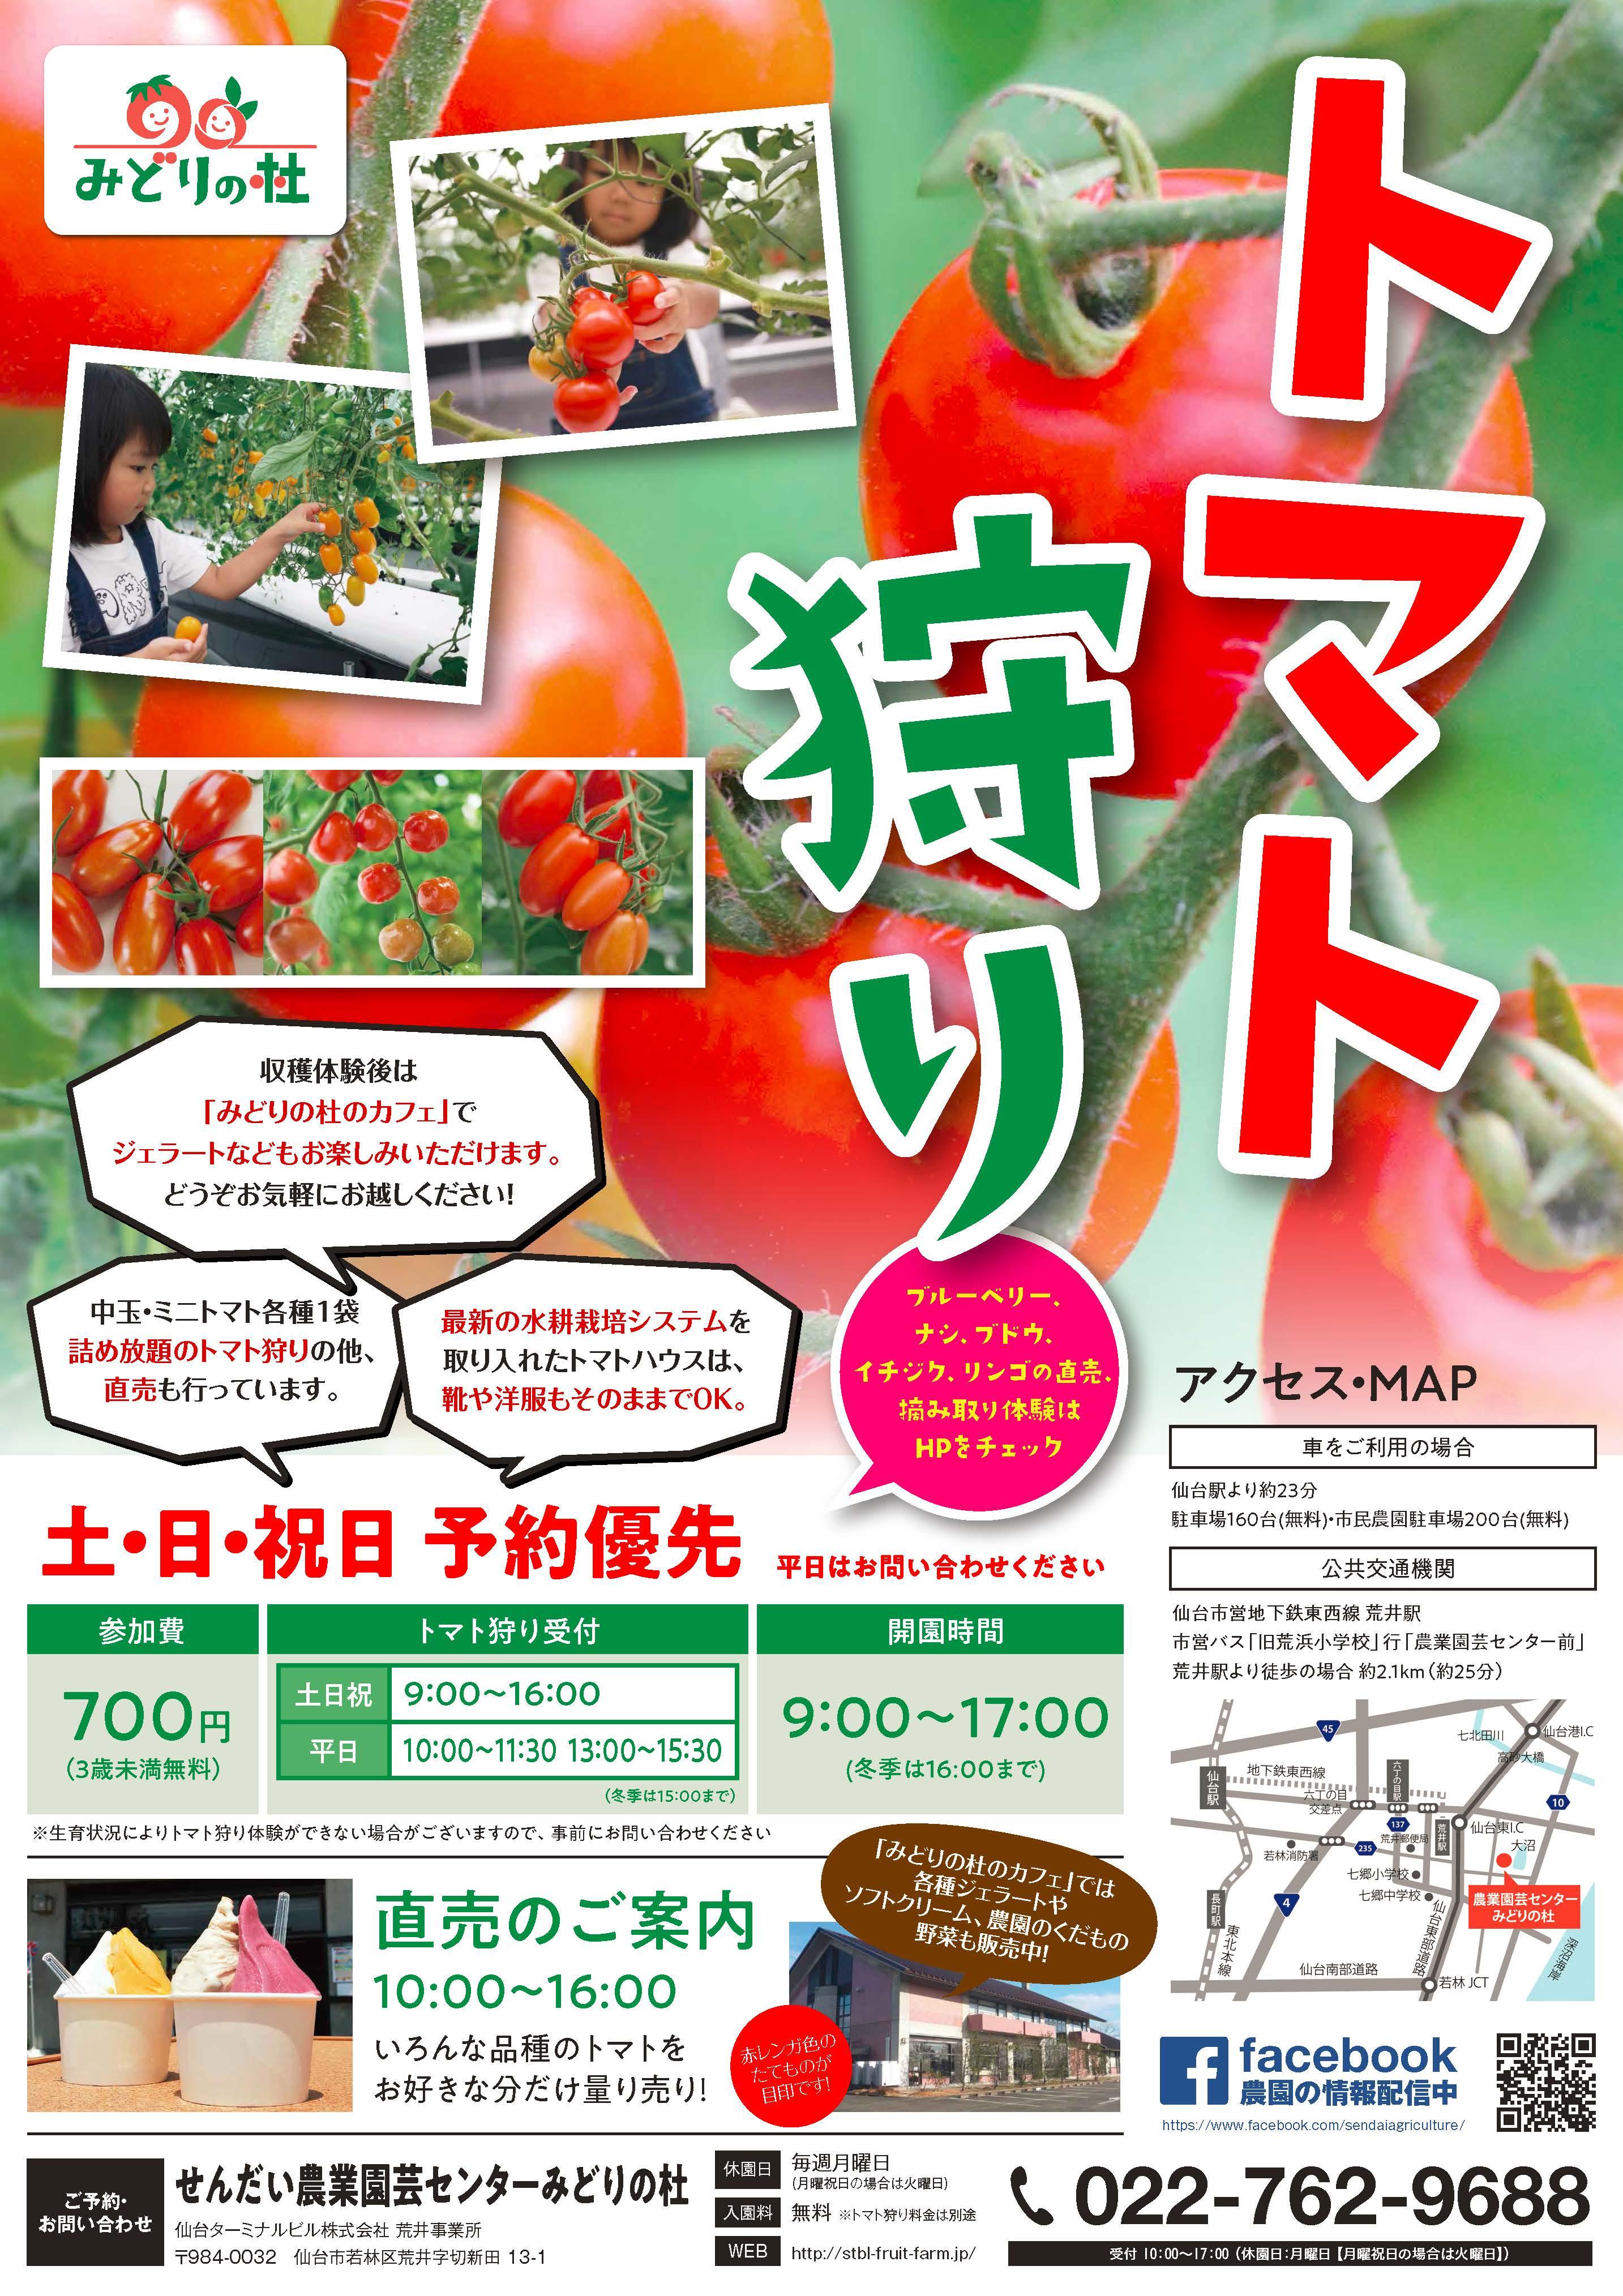 【トマト狩り再開】トマト狩りのご案内   農業園芸センター